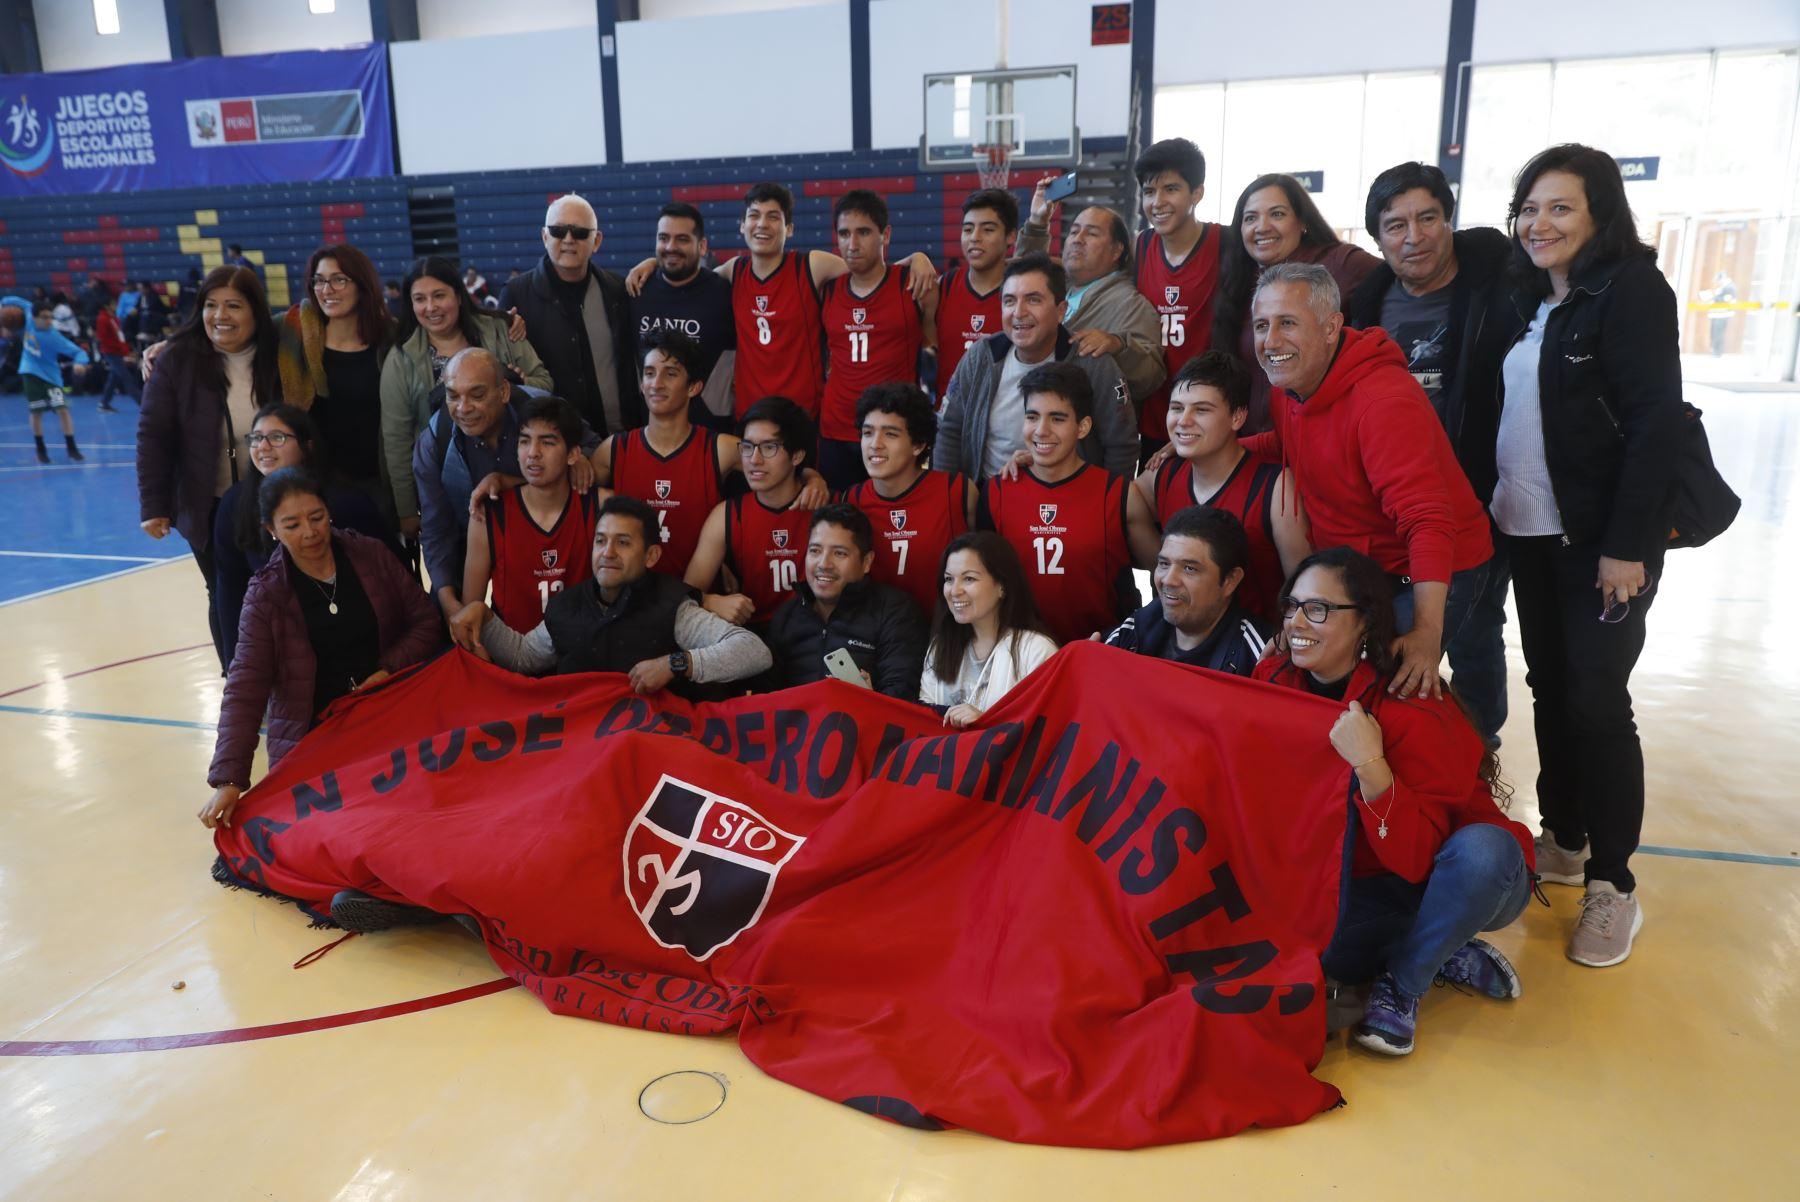 Colegio San José Obrero Maristas de Trujillo obtiene la medalla de oro en los Juegos Deportivos Escolares Nacionales 2019. Foto: ANDINA/Renato Pajuelo